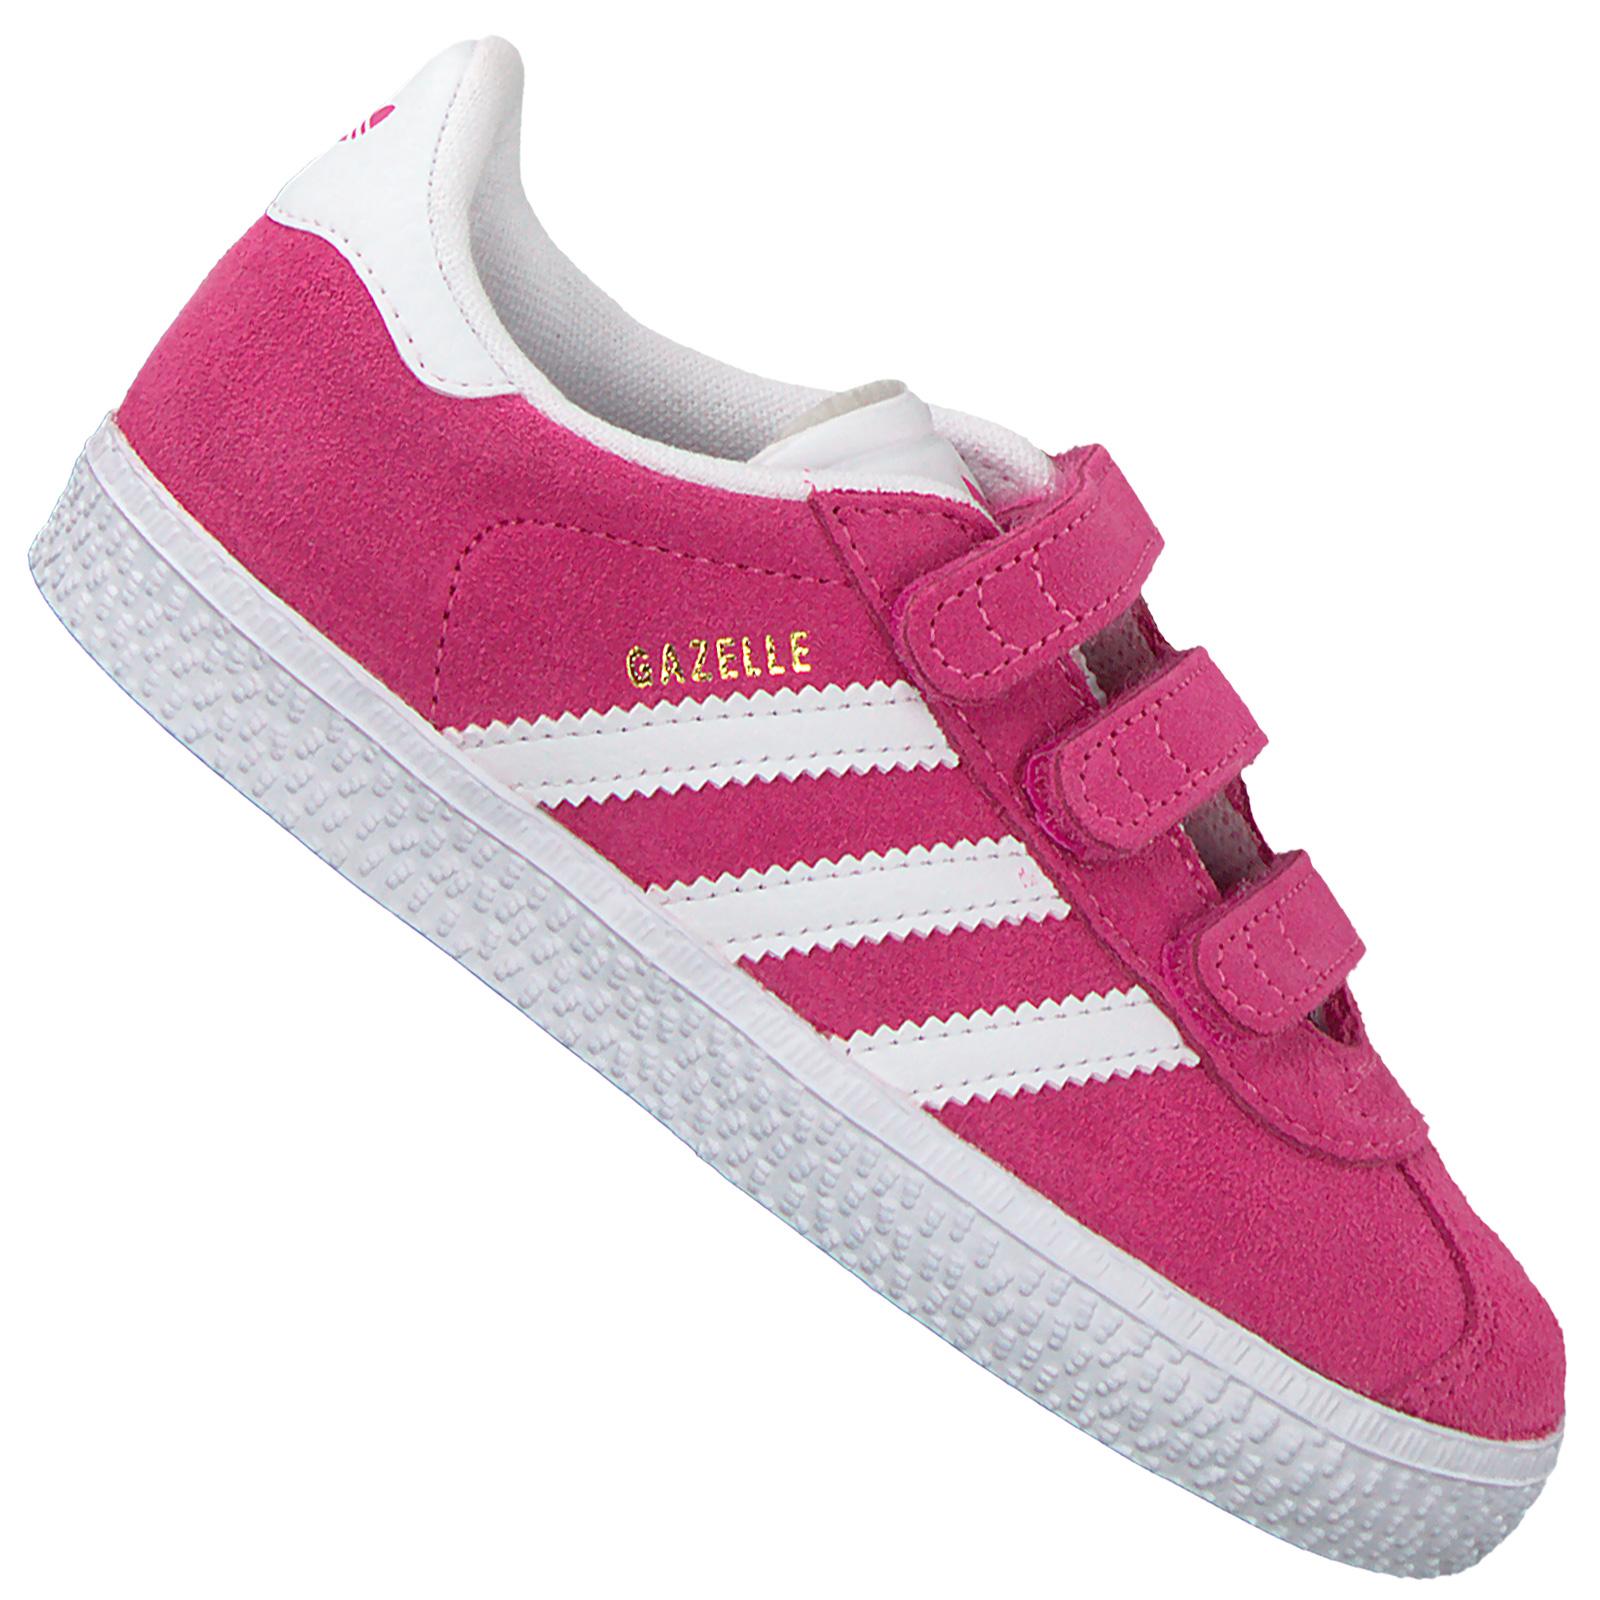 adidas Originals Gazelle Kinder Mädchen Sneaker Leder Schuhe Pink Weiß B41553